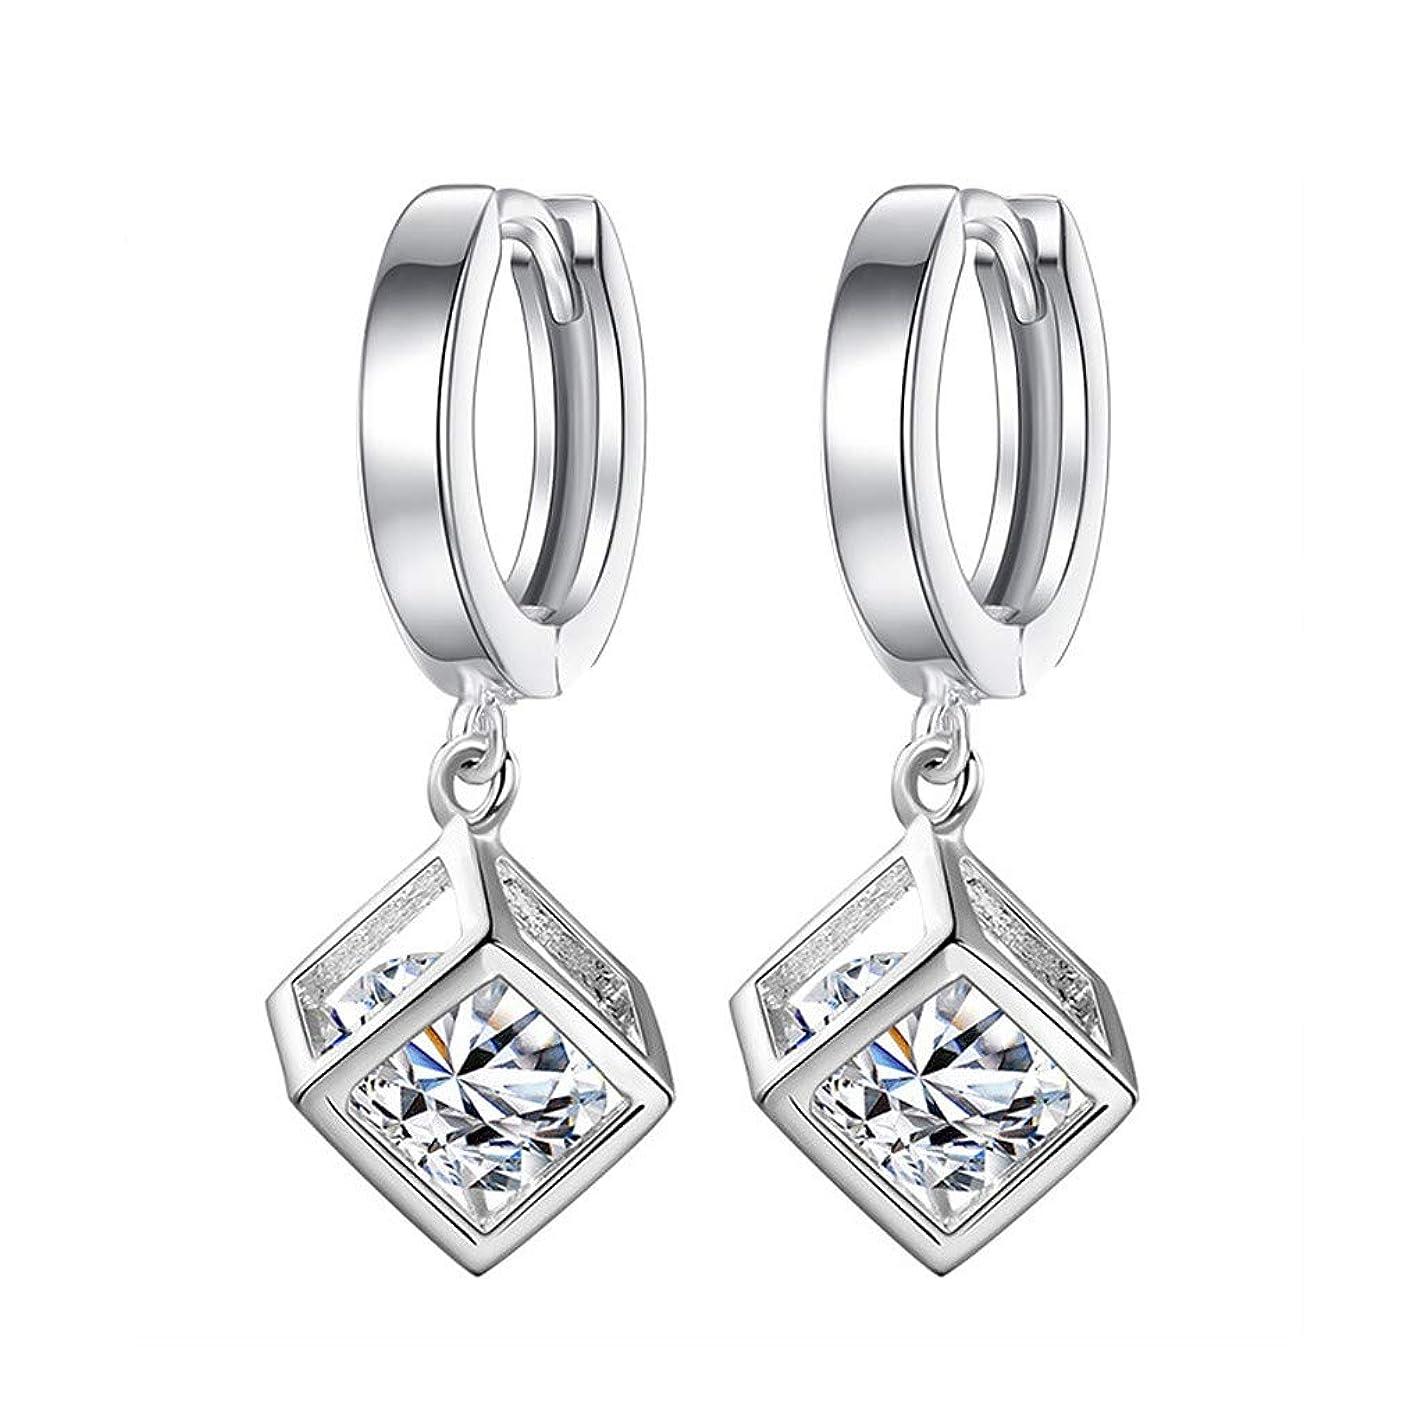 マトリックスドレス黒人Nicircle ファッション気質の女性キュービックジルコンの耳クリップ女性の耳の宝石類 Fashion Temperament Ladies Cubic Zircon Ear Clip Ladies Ear Jewelry